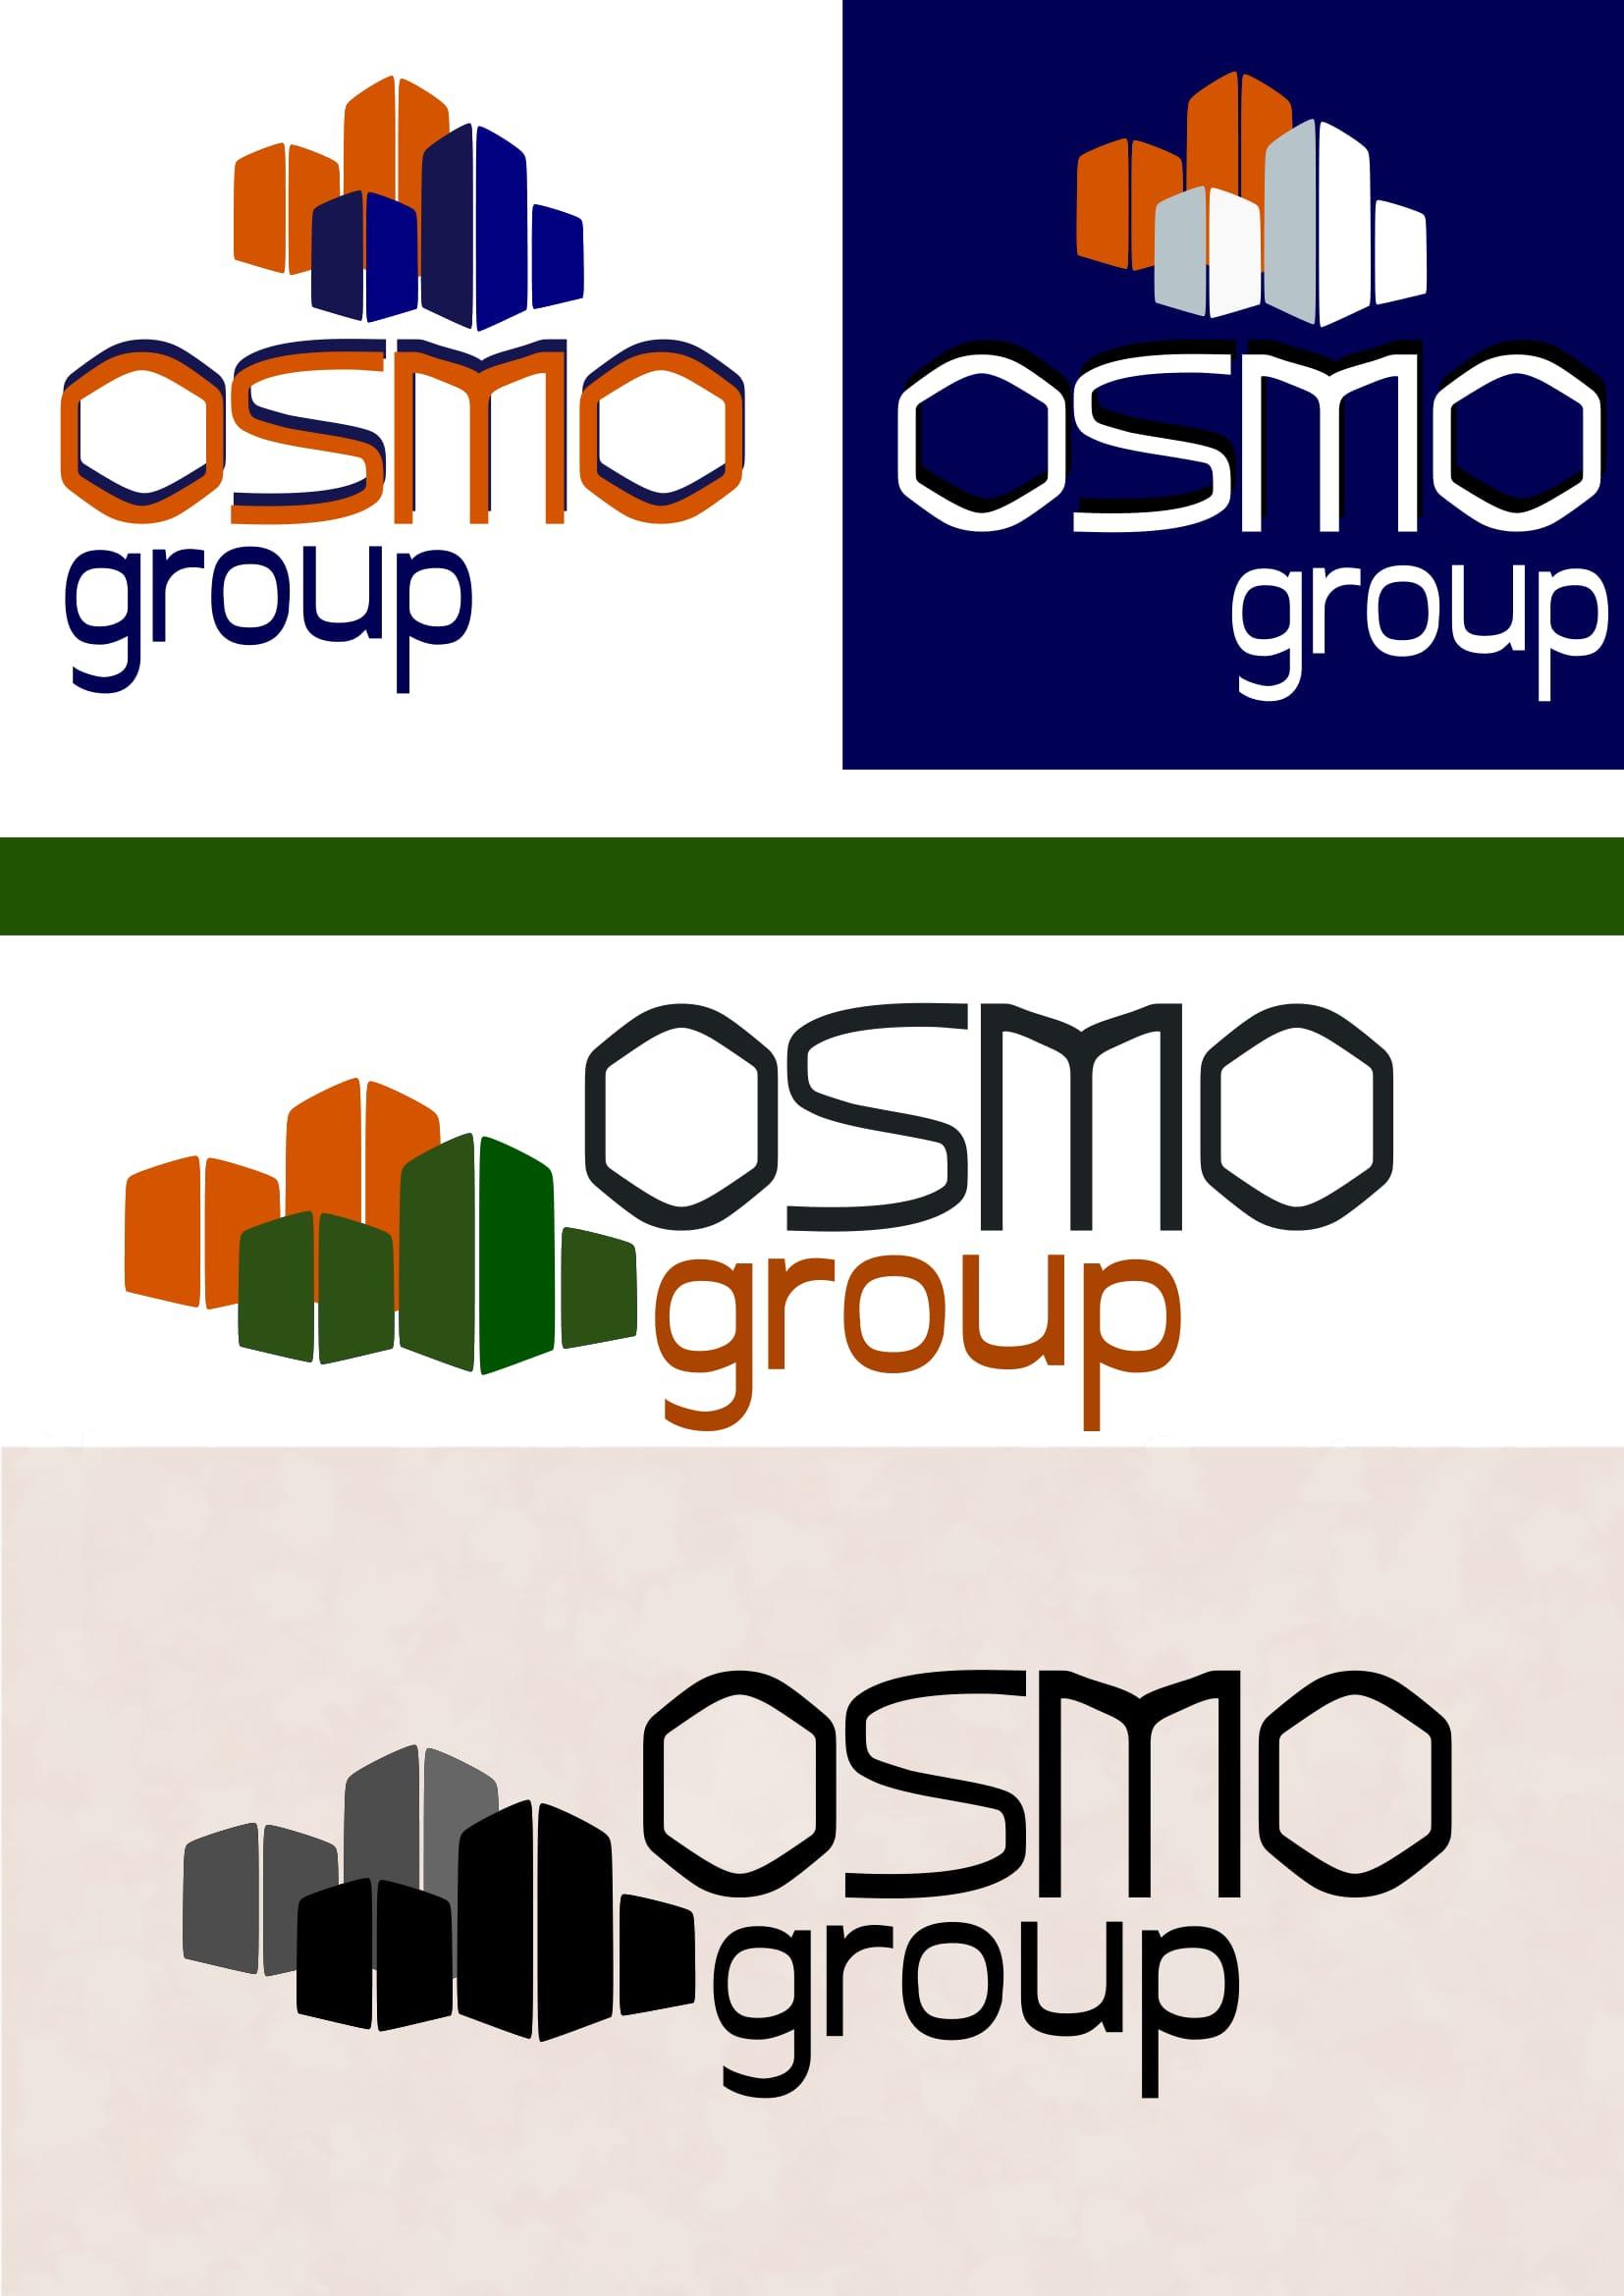 Создание логотипа для строительной компании OSMO group  фото f_29159b61b959f5e7.jpg